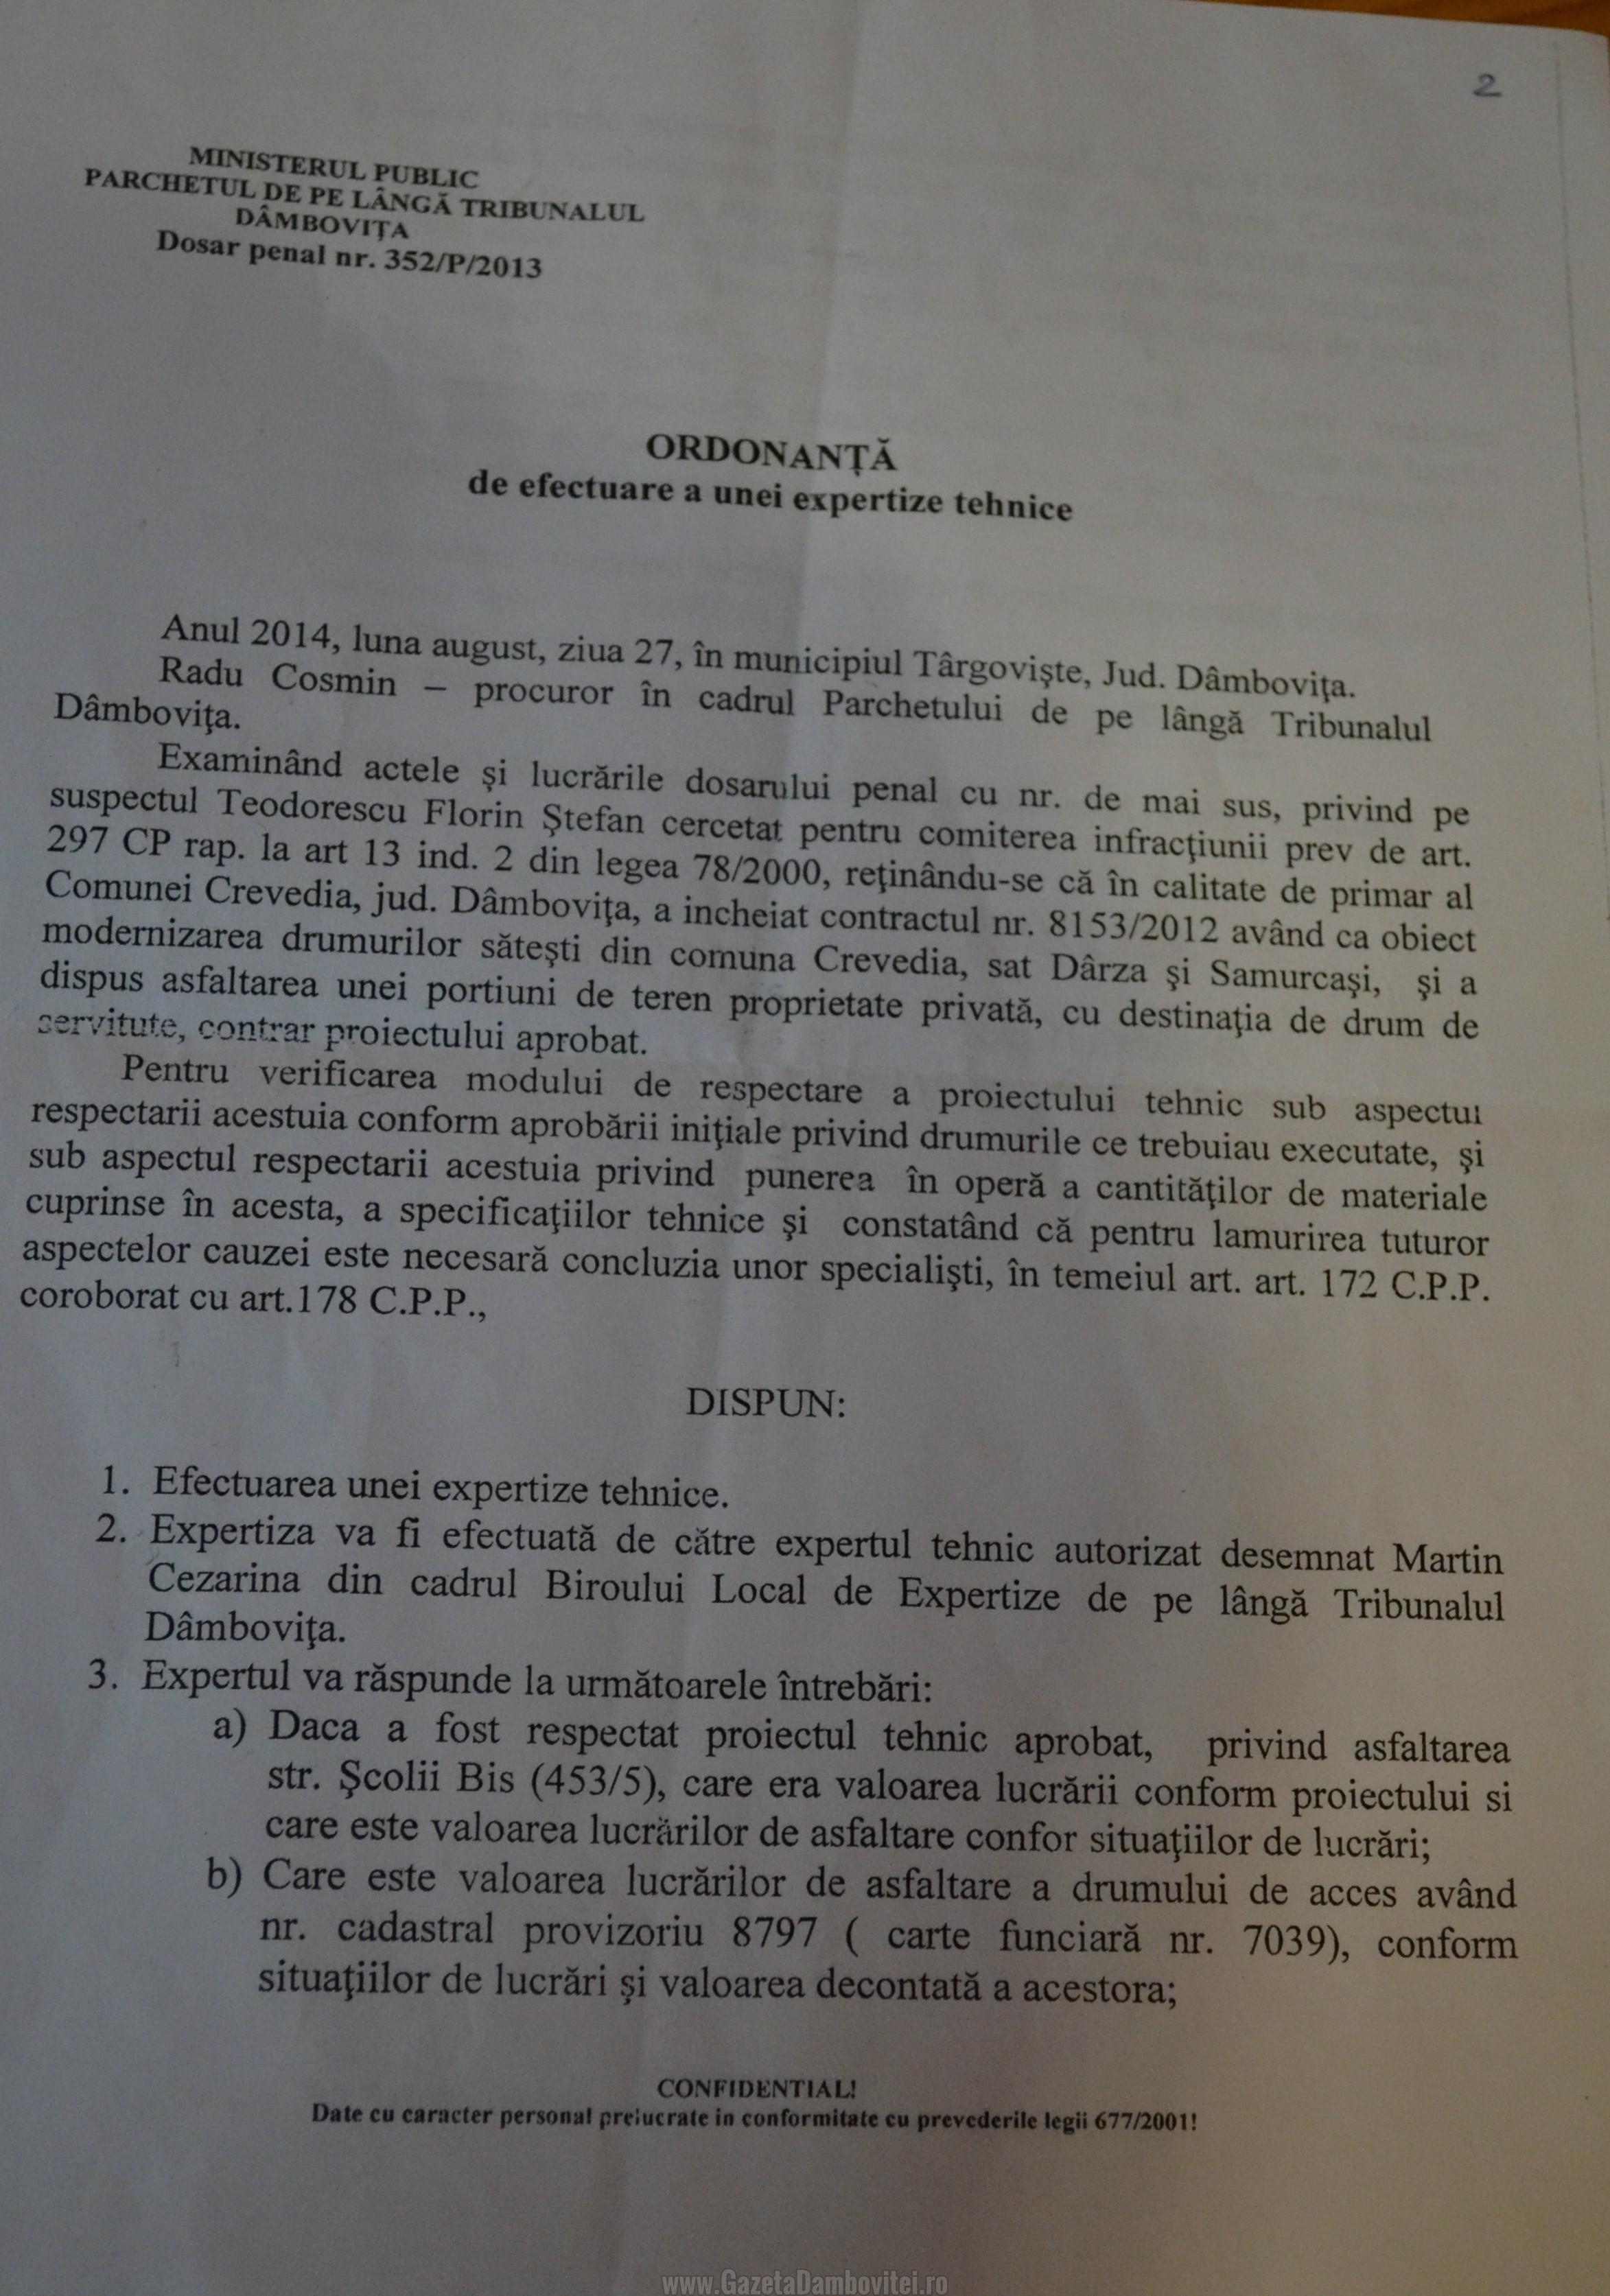 dosar-penal-teodorescu-crevedia